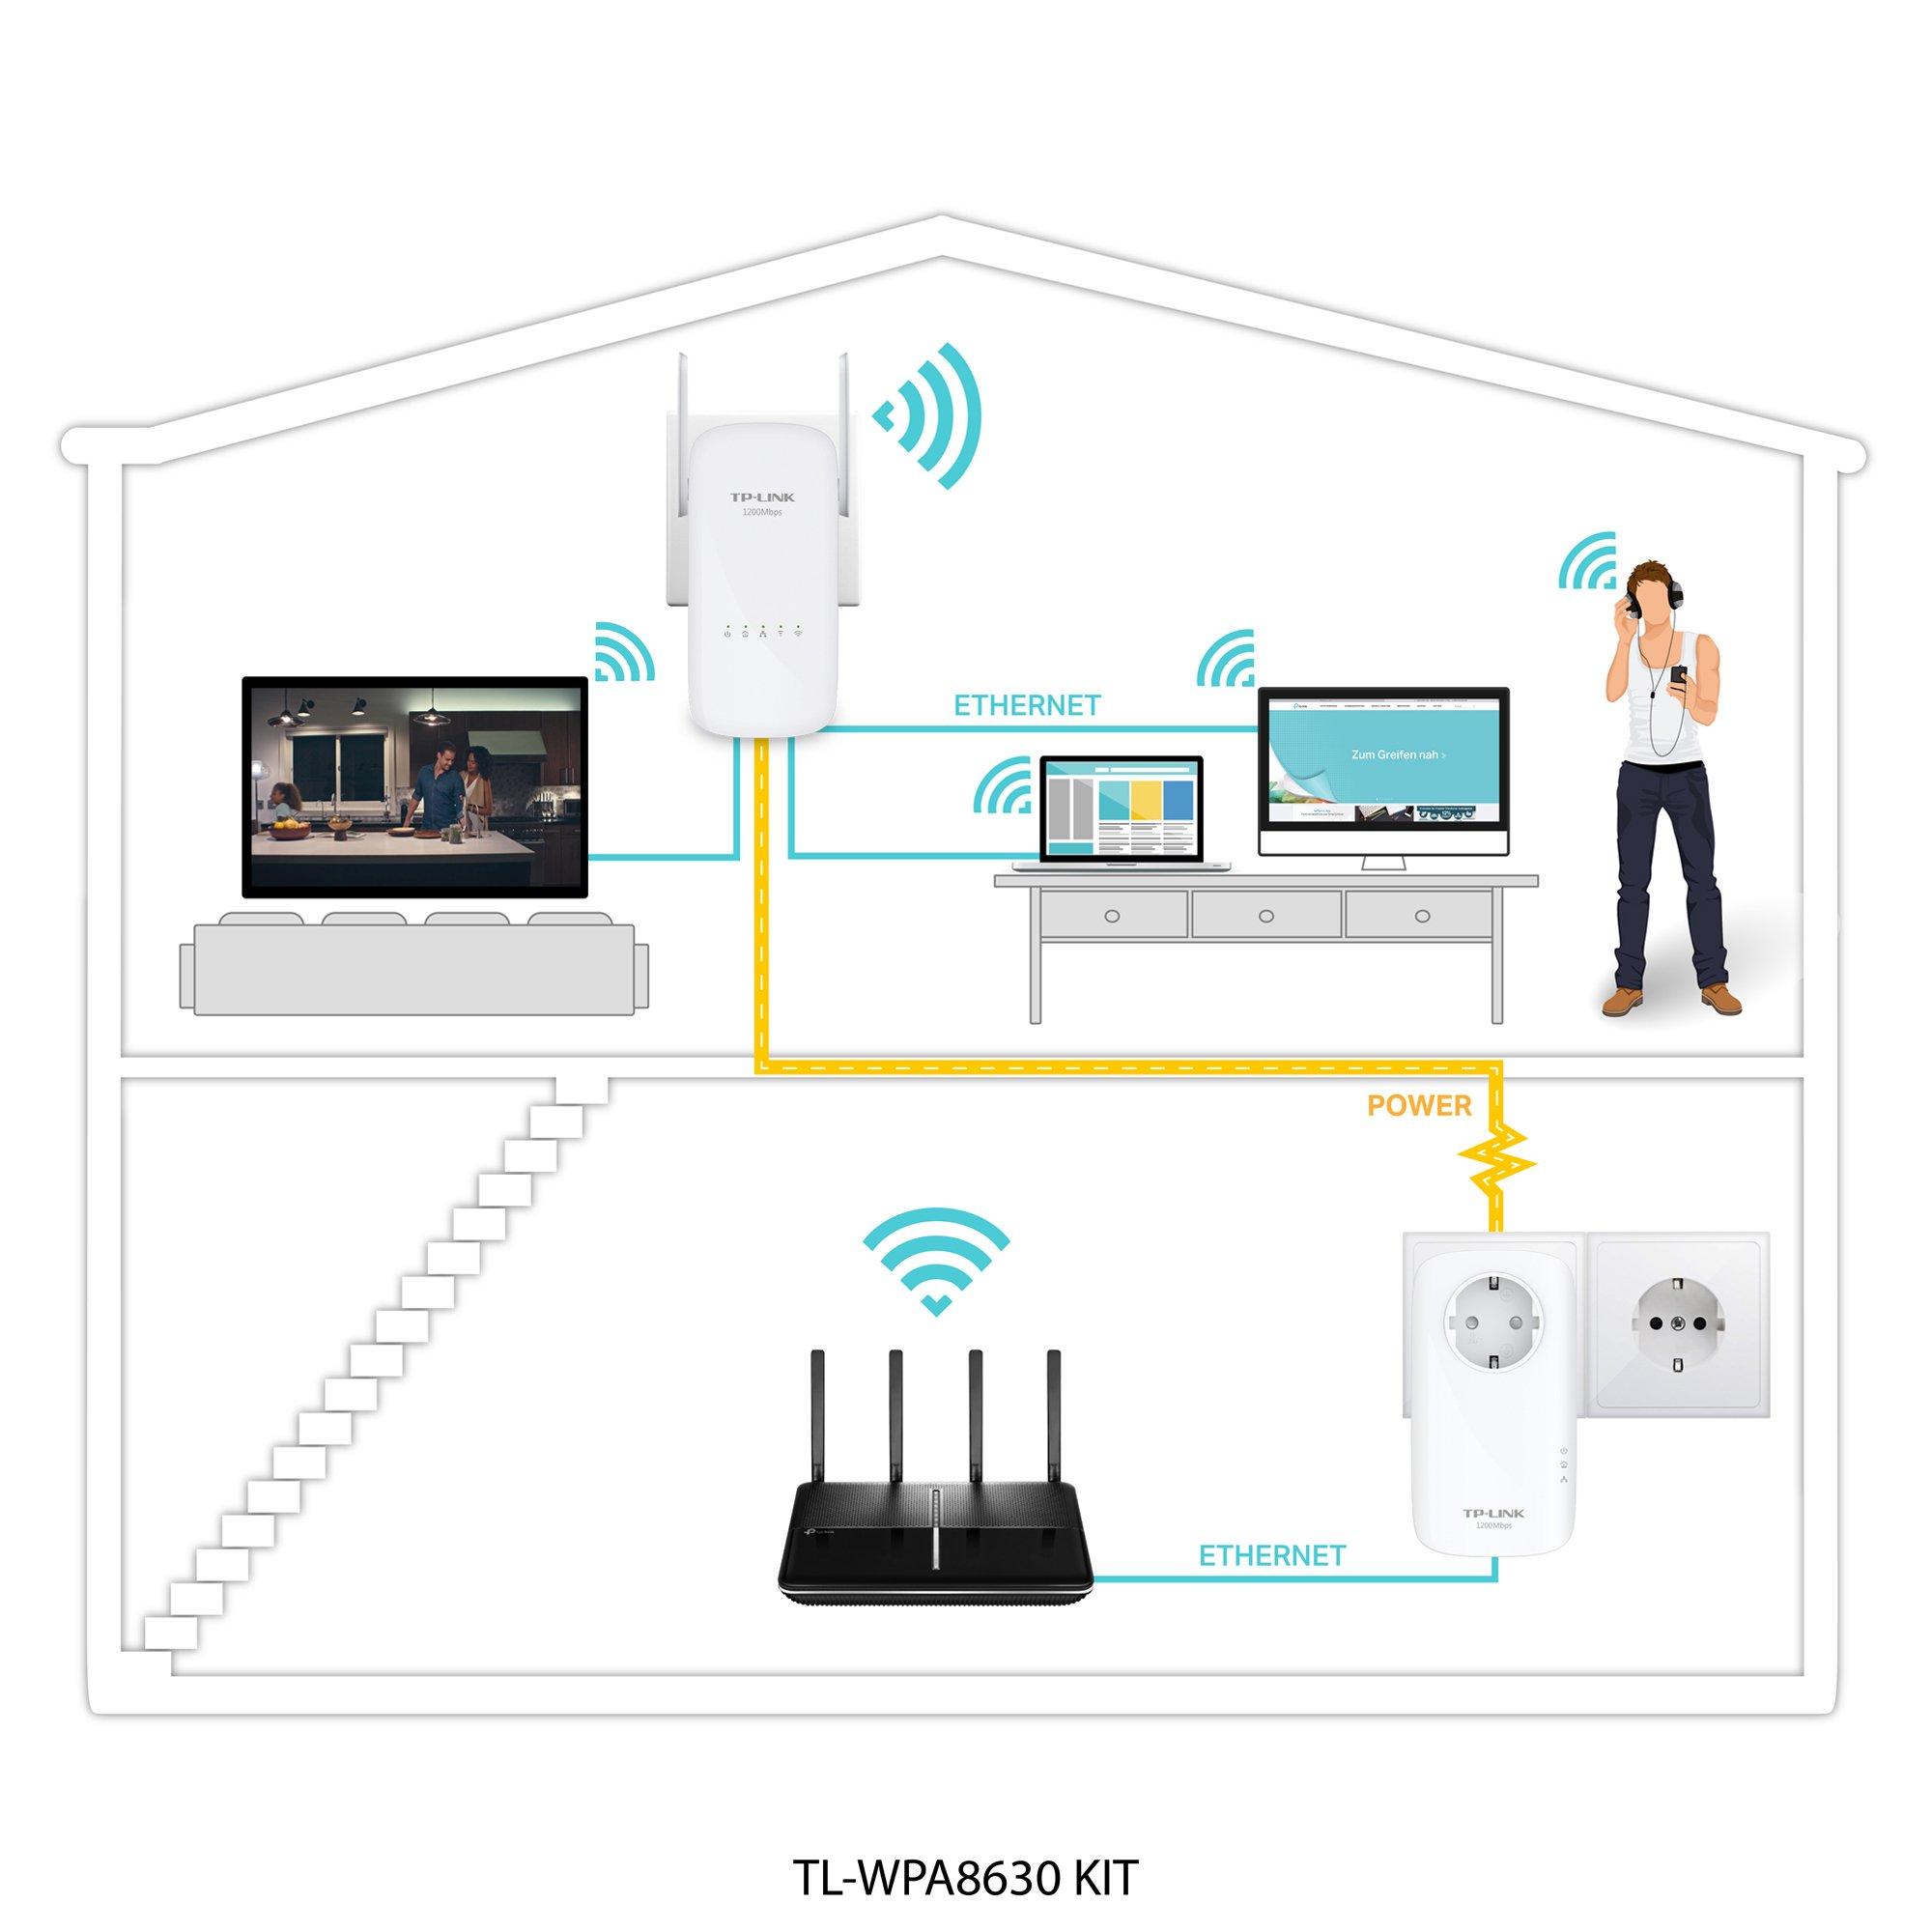 Tp Link Tl Wpa8630 Kit Av1300 Wifi Ac1200 Gigabit Powerline Tplink Diagram Yu Thch